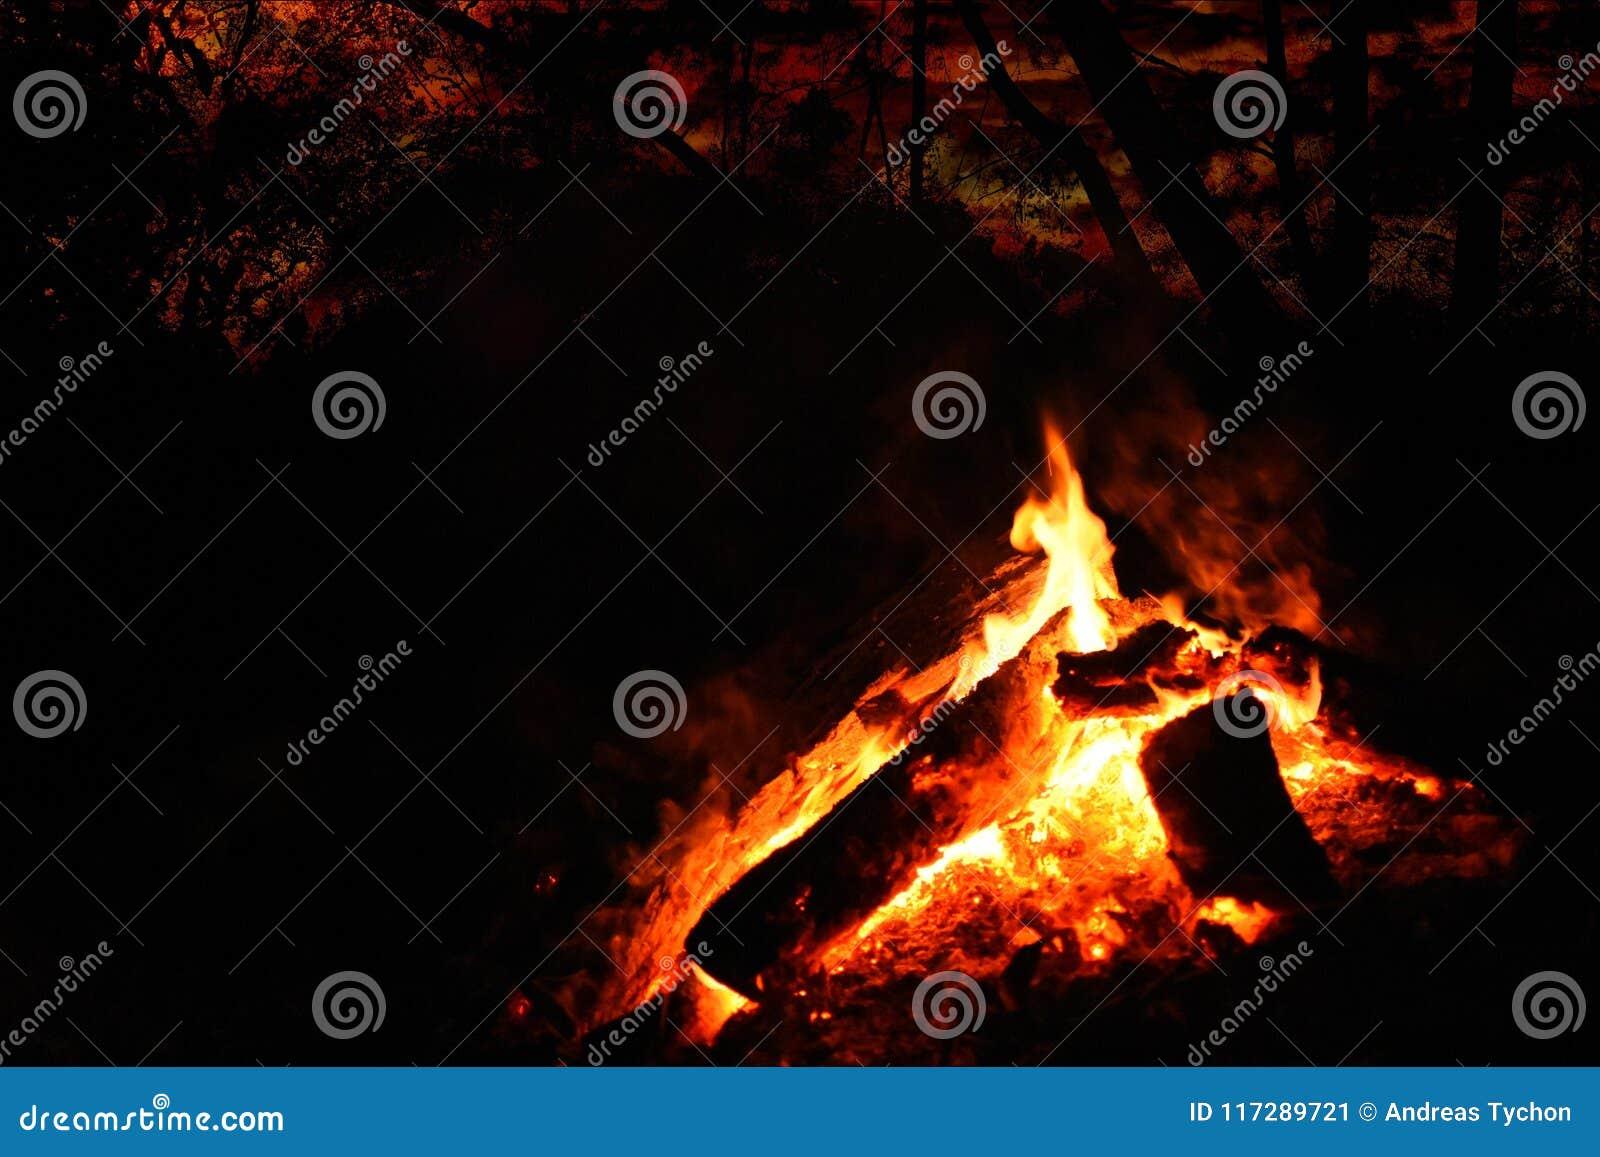 Primeiro plano da fogueira sob um céu noturno vermelho